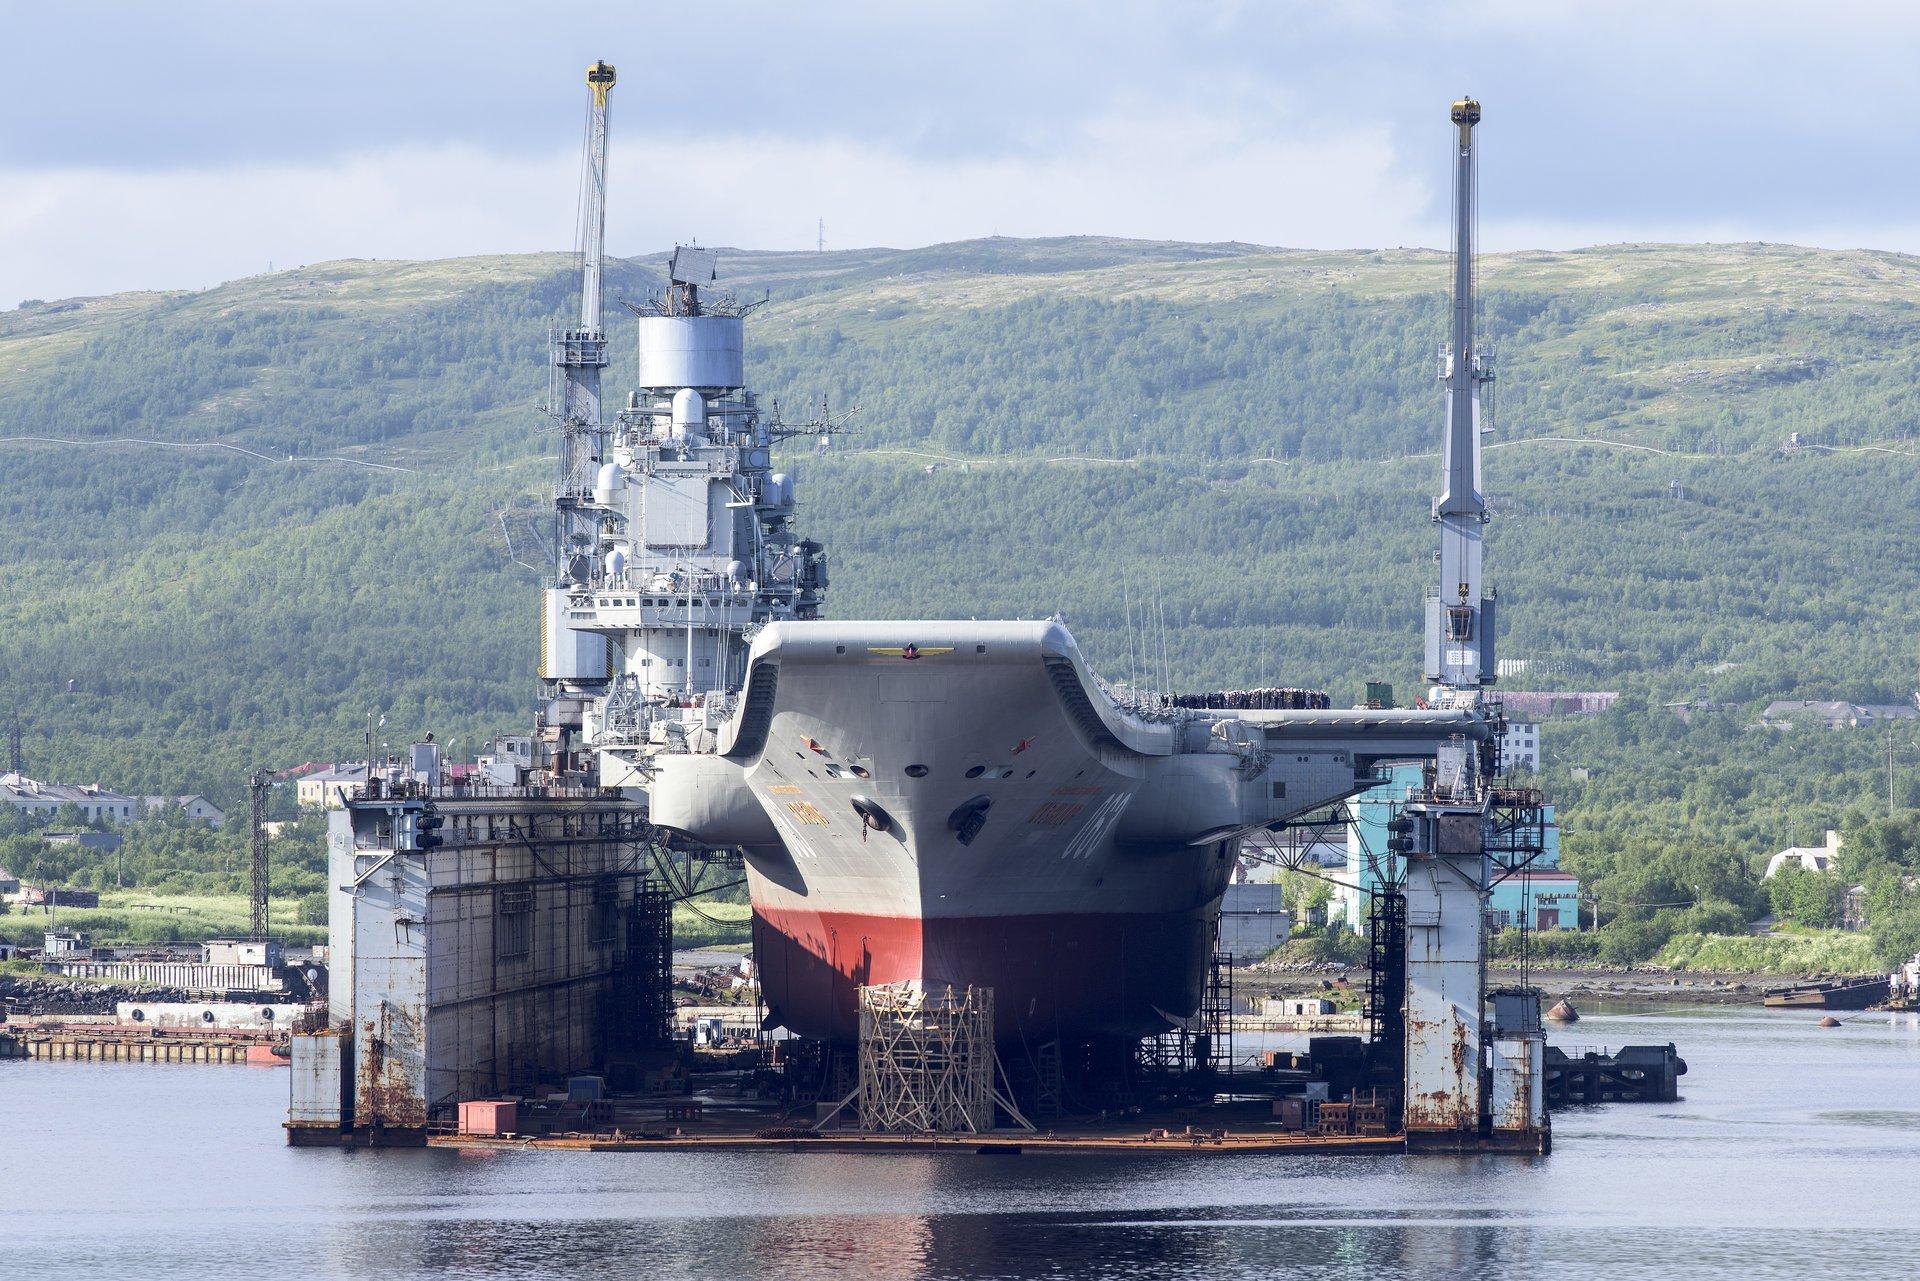 Названа причина затопленияплавдока «Адмирала Кузнецова»